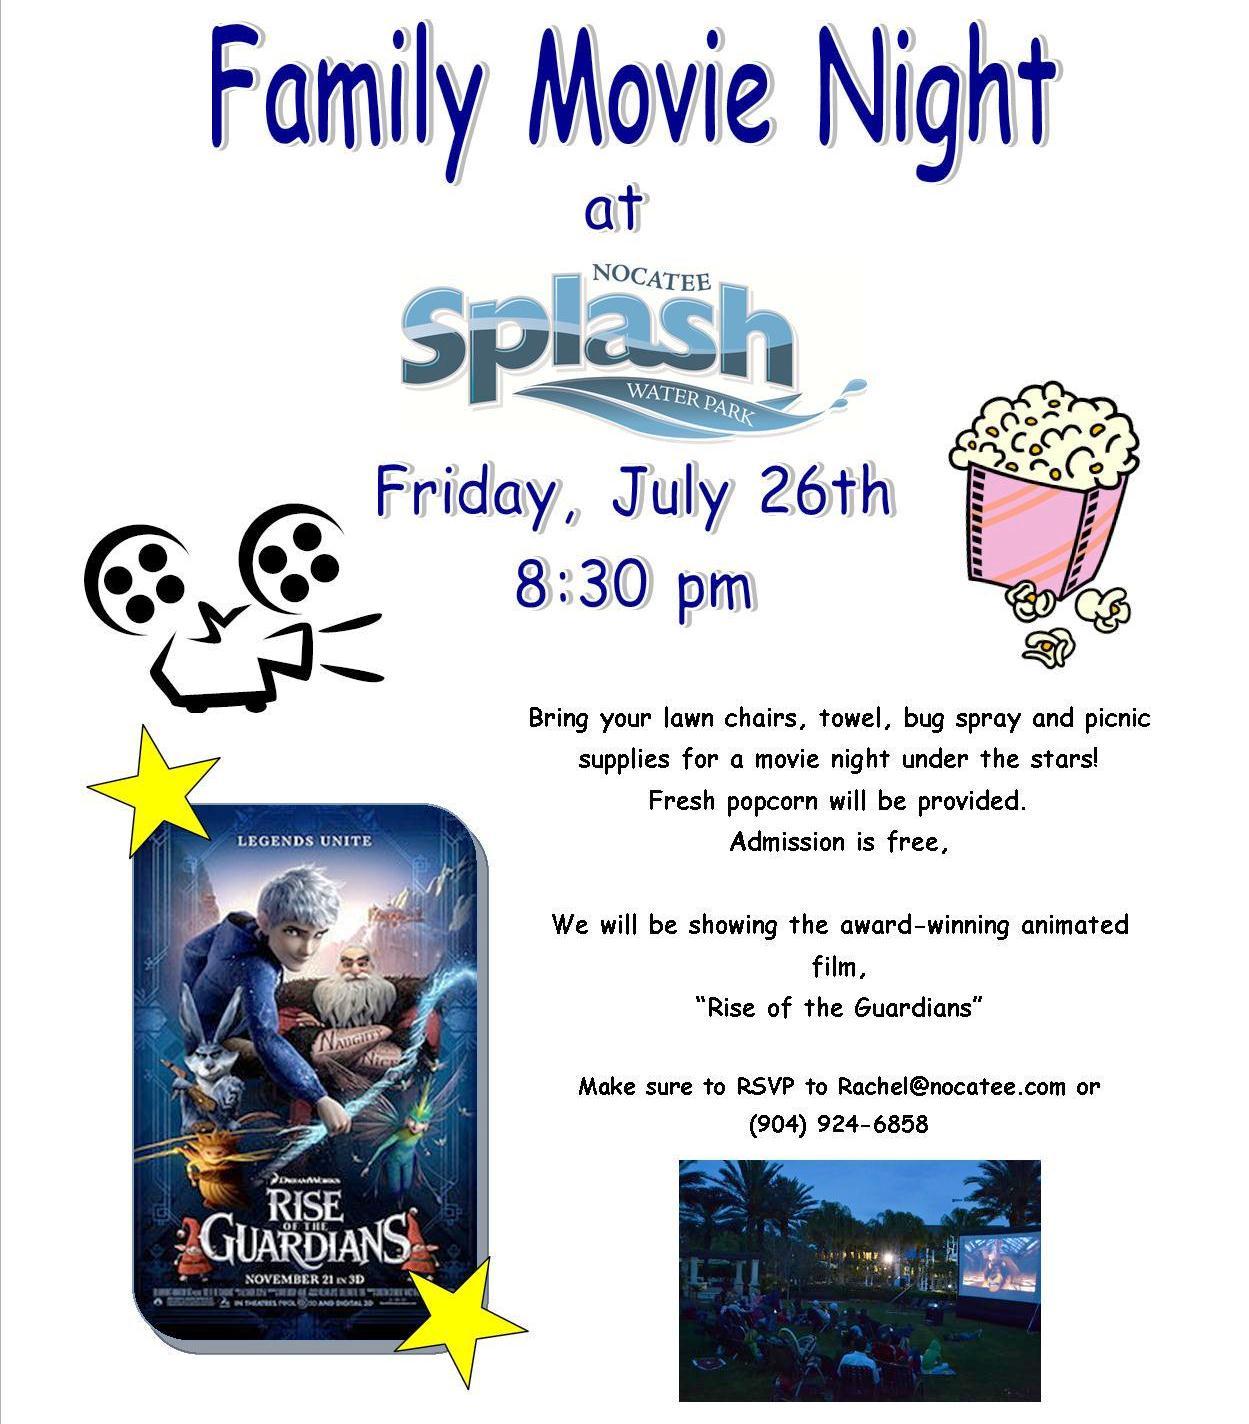 Nocatee Family Movie Night